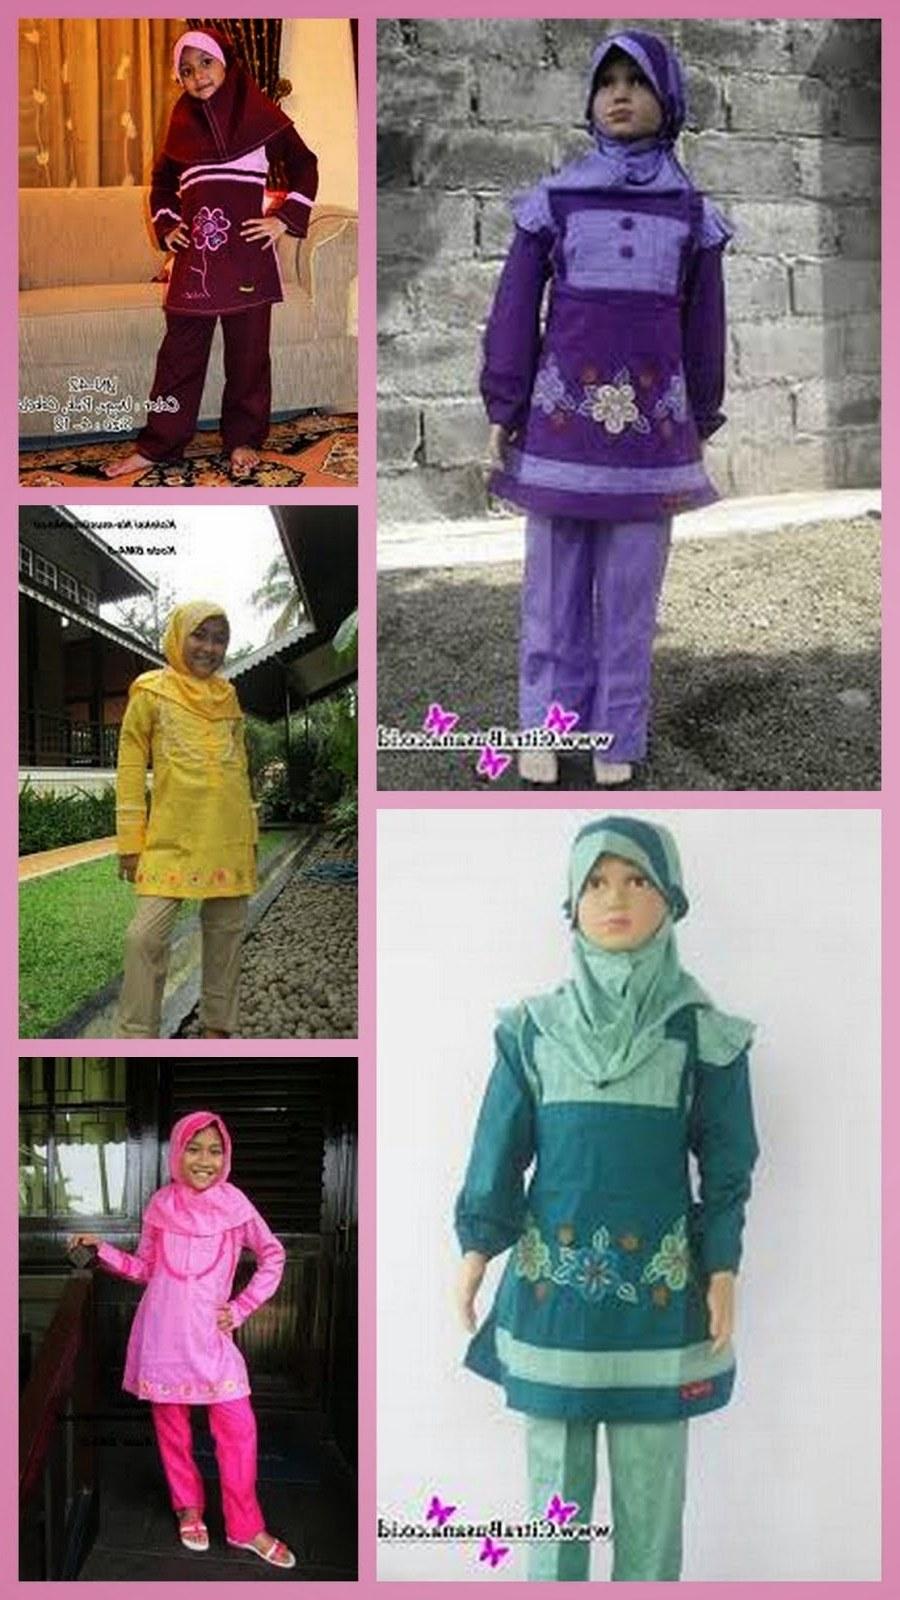 Design Baju Lebaran Anak Umur 11 Tahun 3id6 Baju Muslim Anak Wanita Usia 13 Tahun Untuk Lebaran